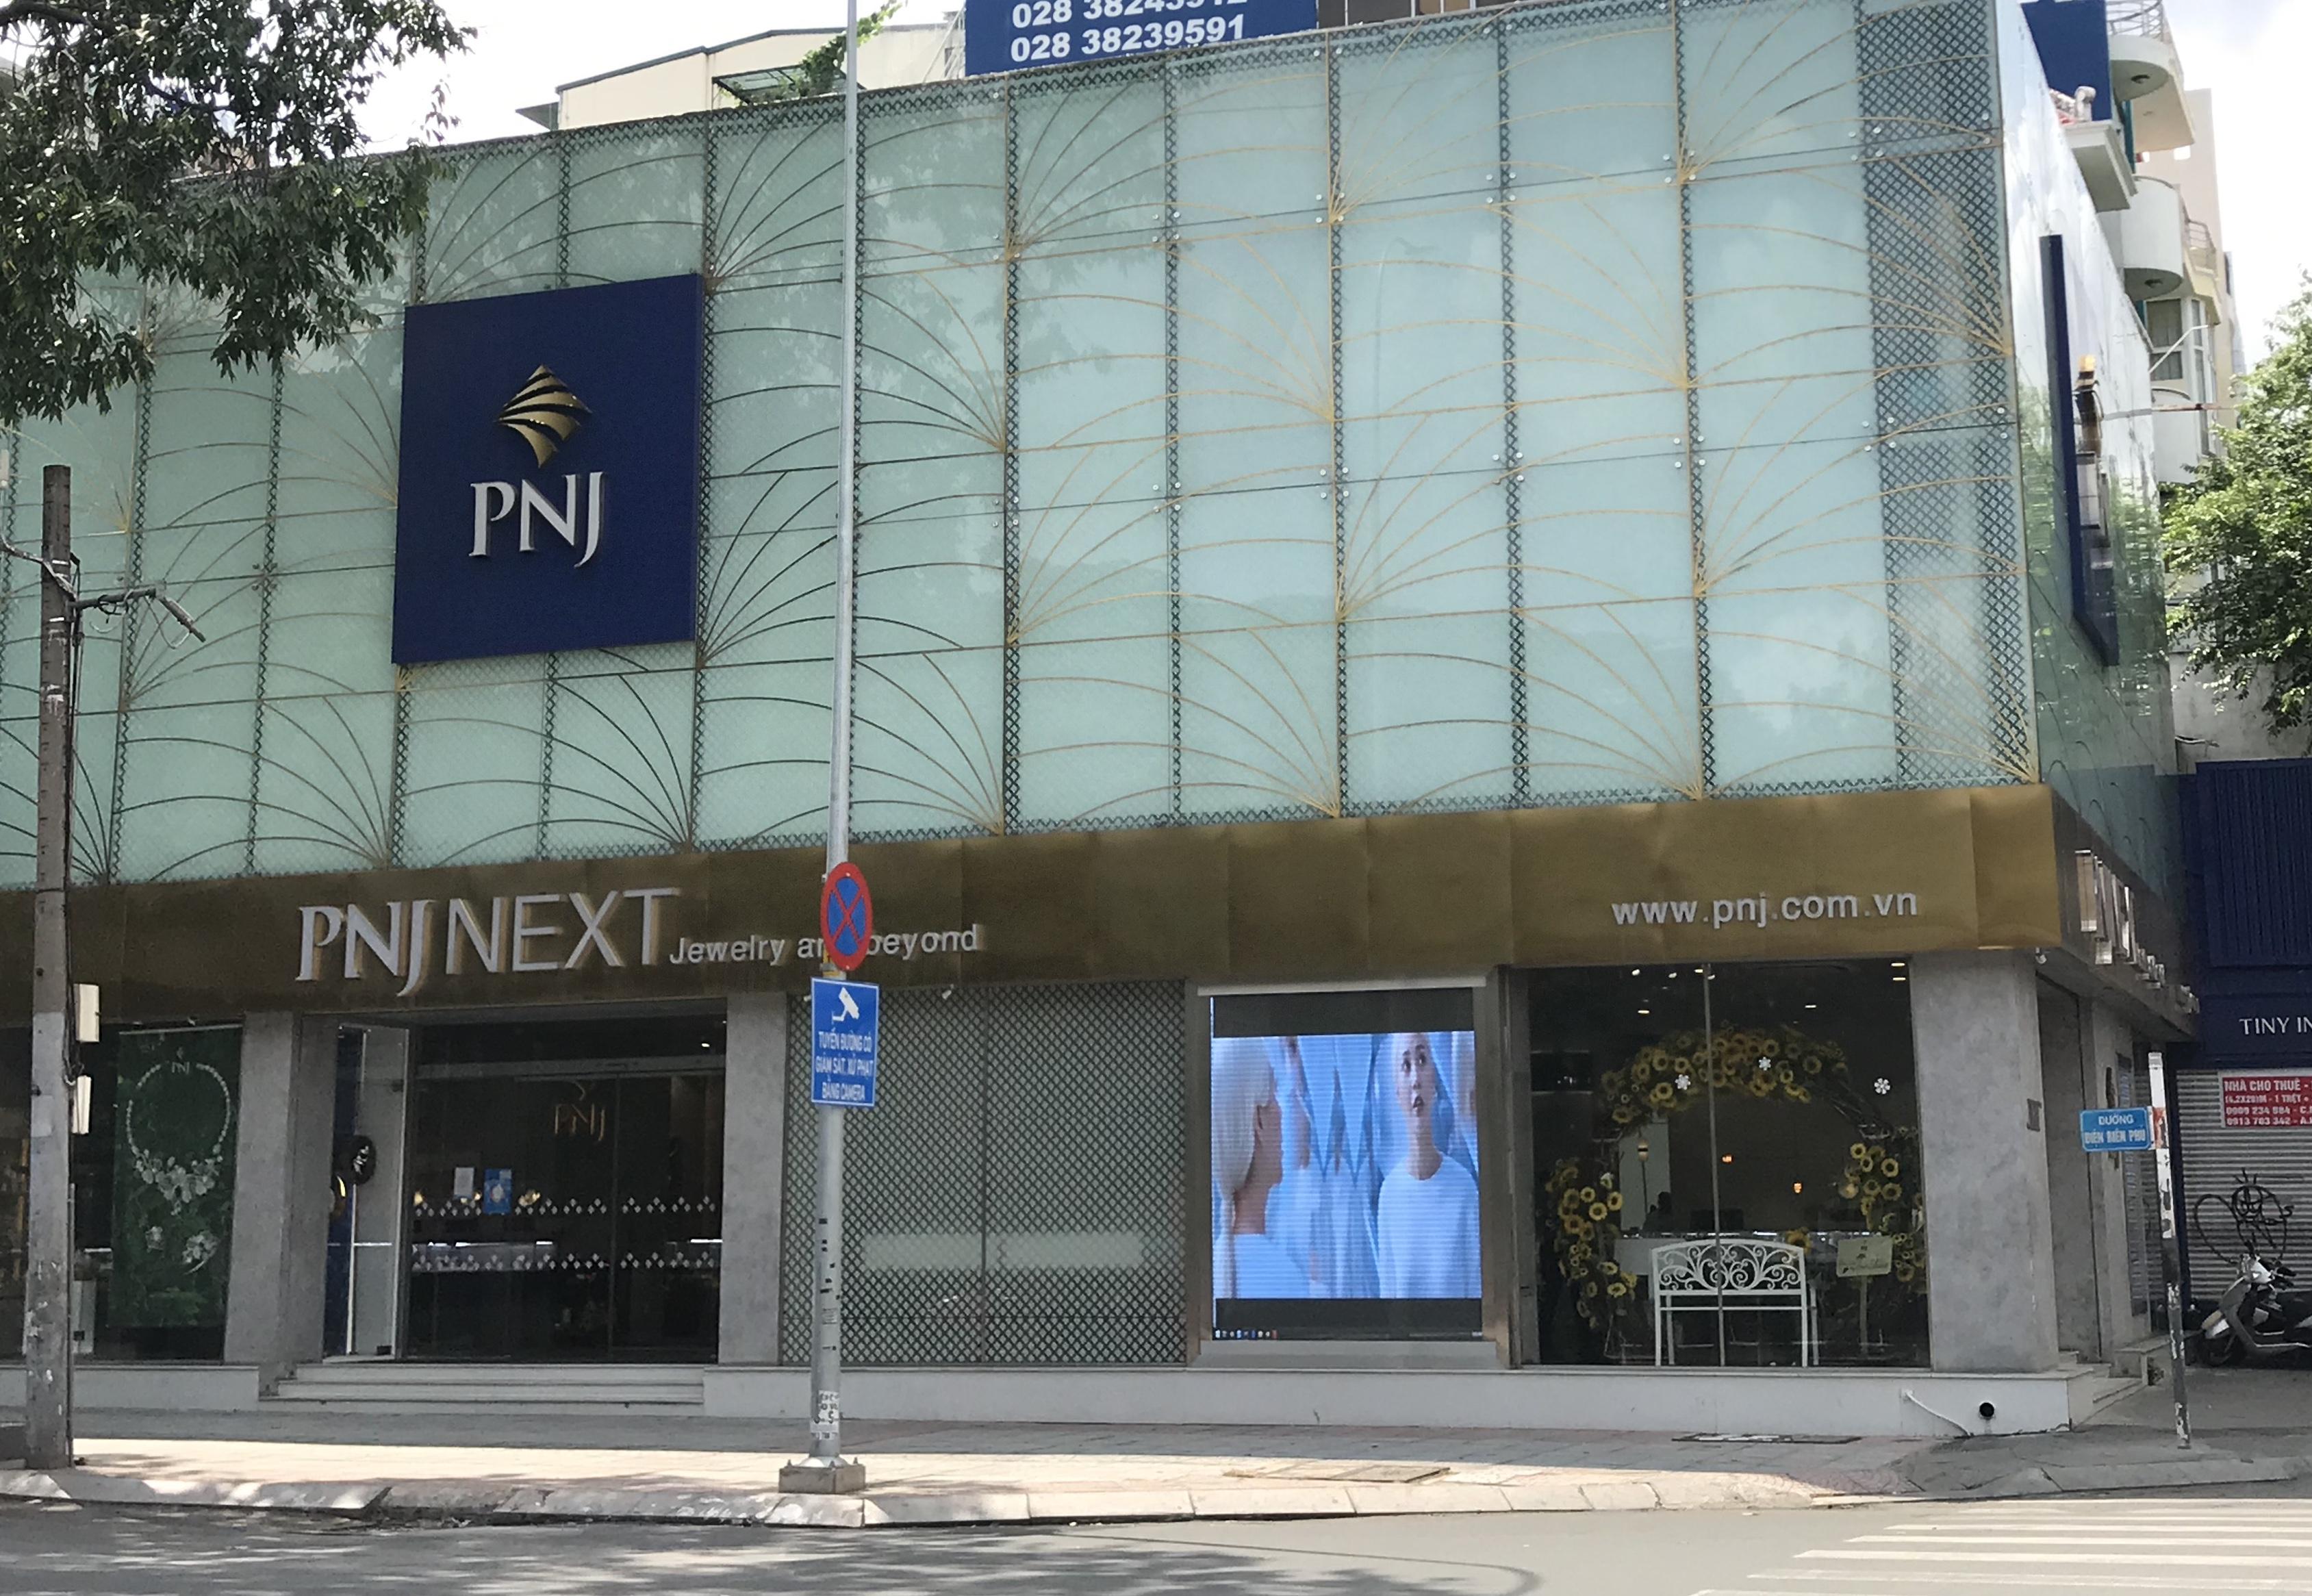 Tăng bán vàng miếng và bán vàng qua mạng nhưng PNJ vẫn lỗ 89 tỉ trong tháng 4 - Ảnh 1.